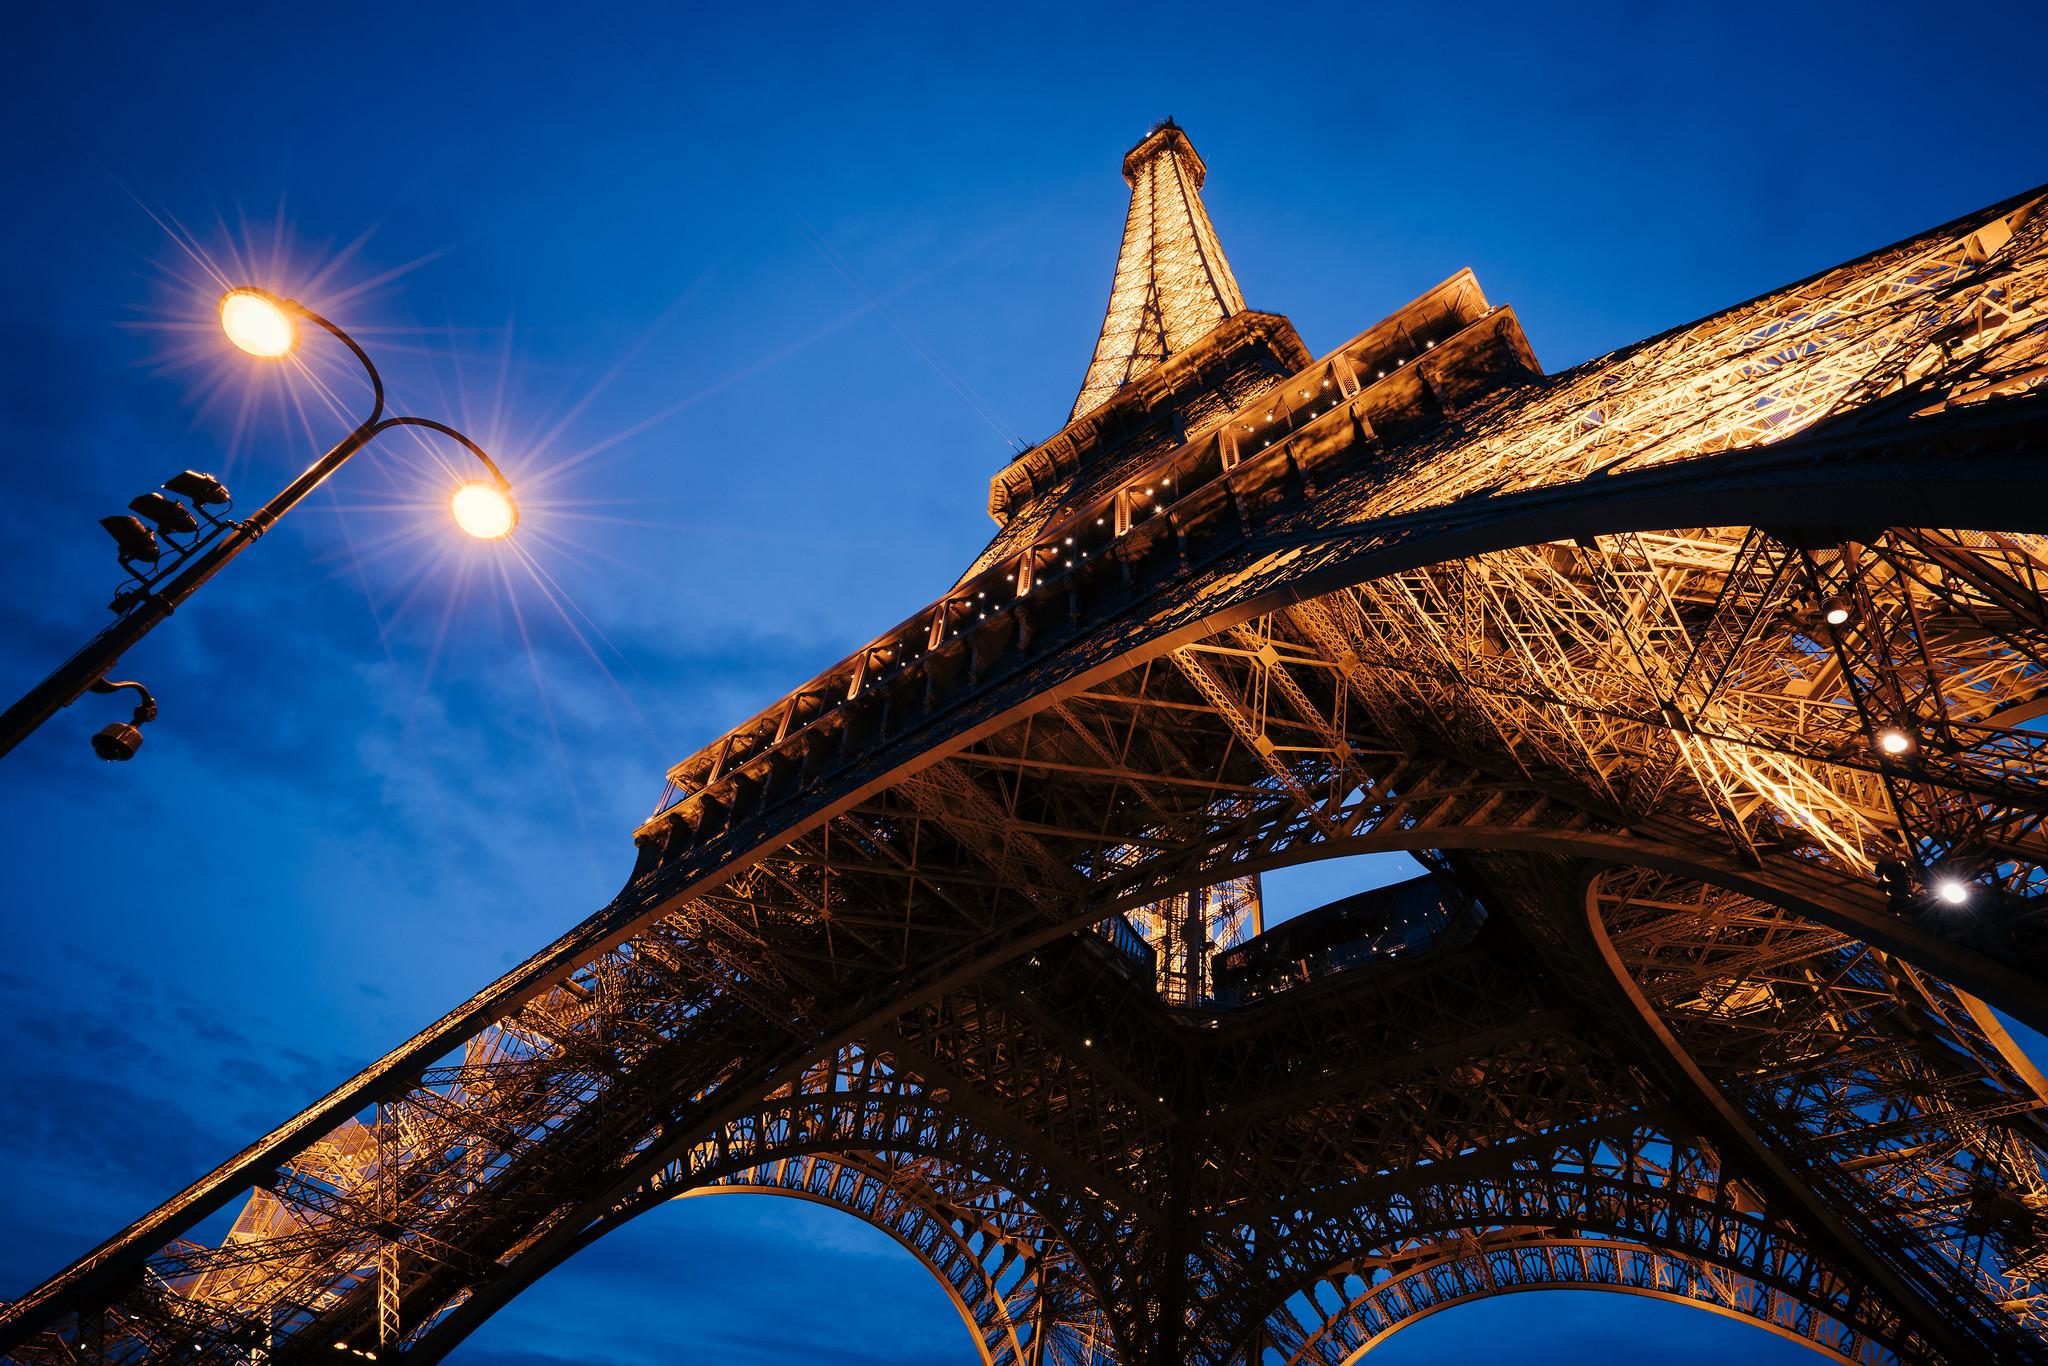 Summer Nights in Paris